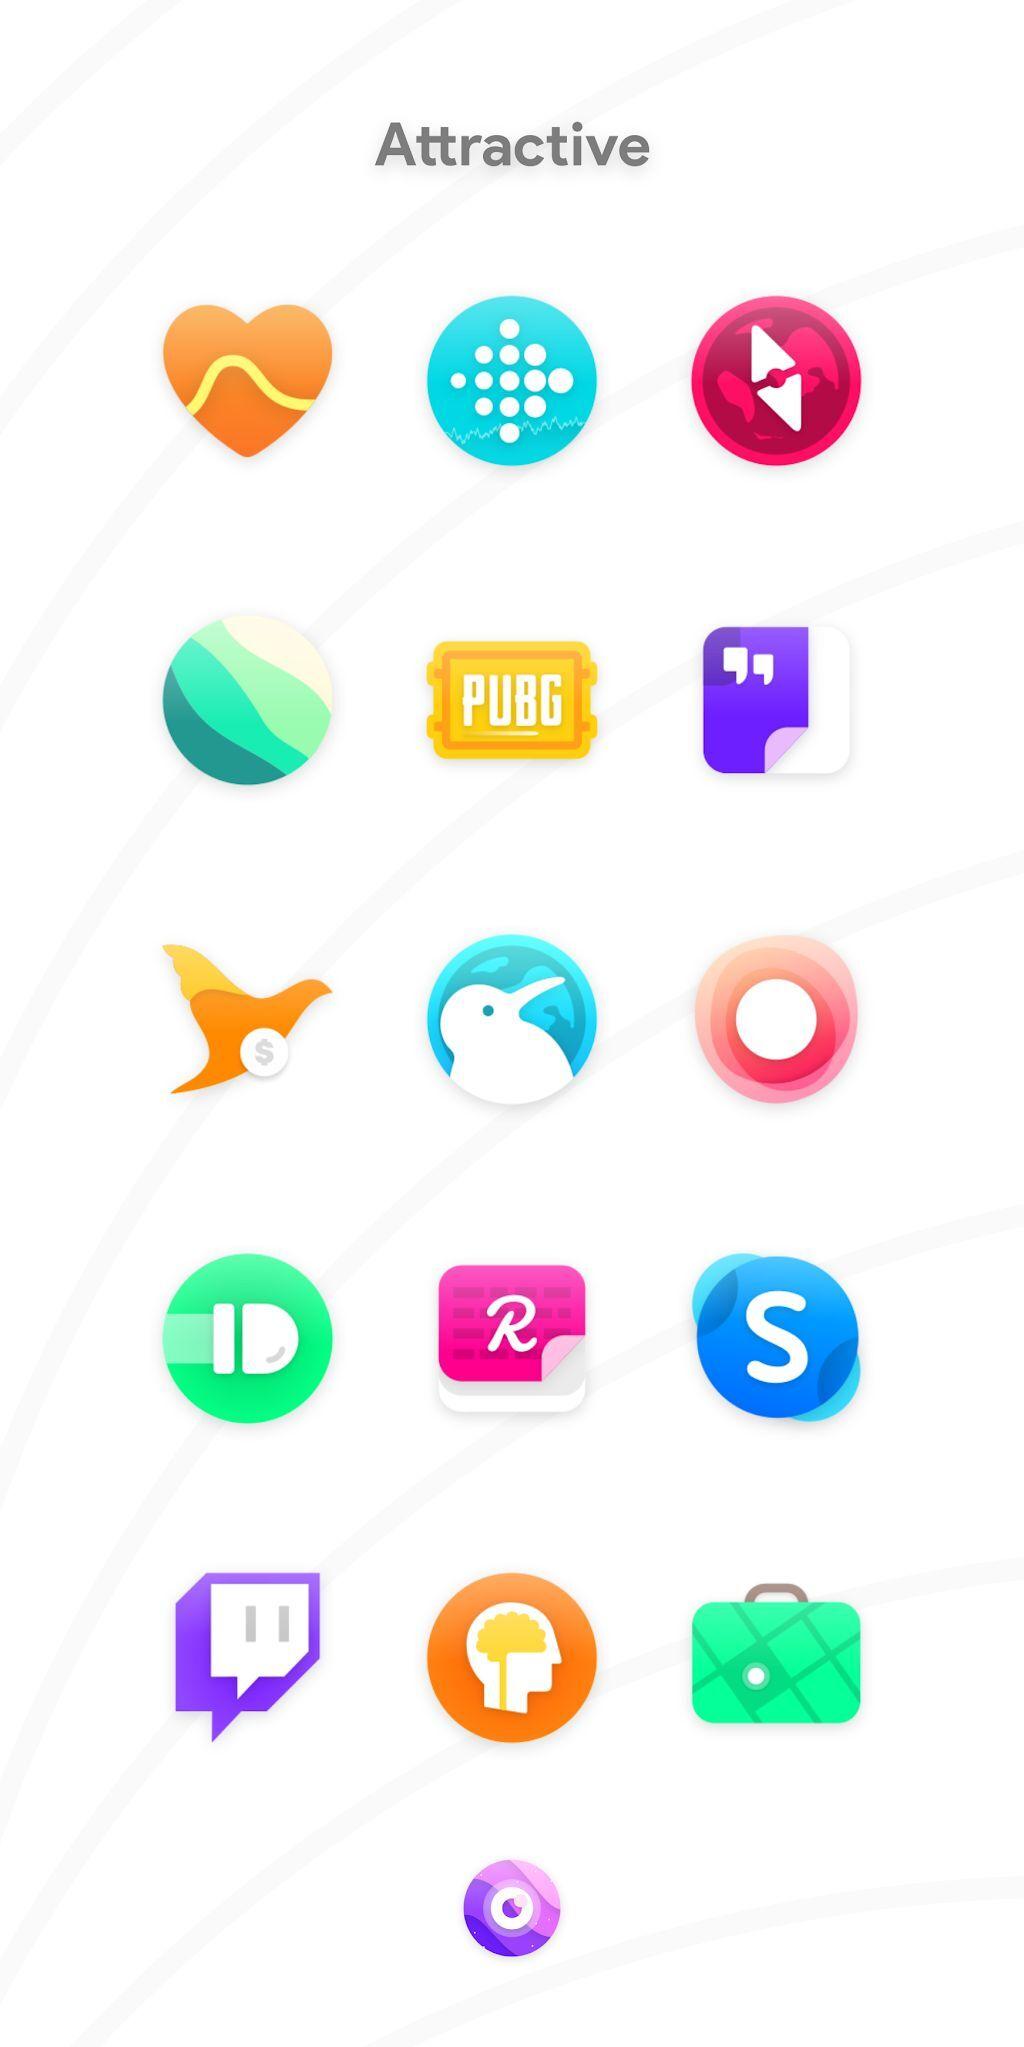 دانلود آیکون پک Nebula Icon Pack 4.4.9